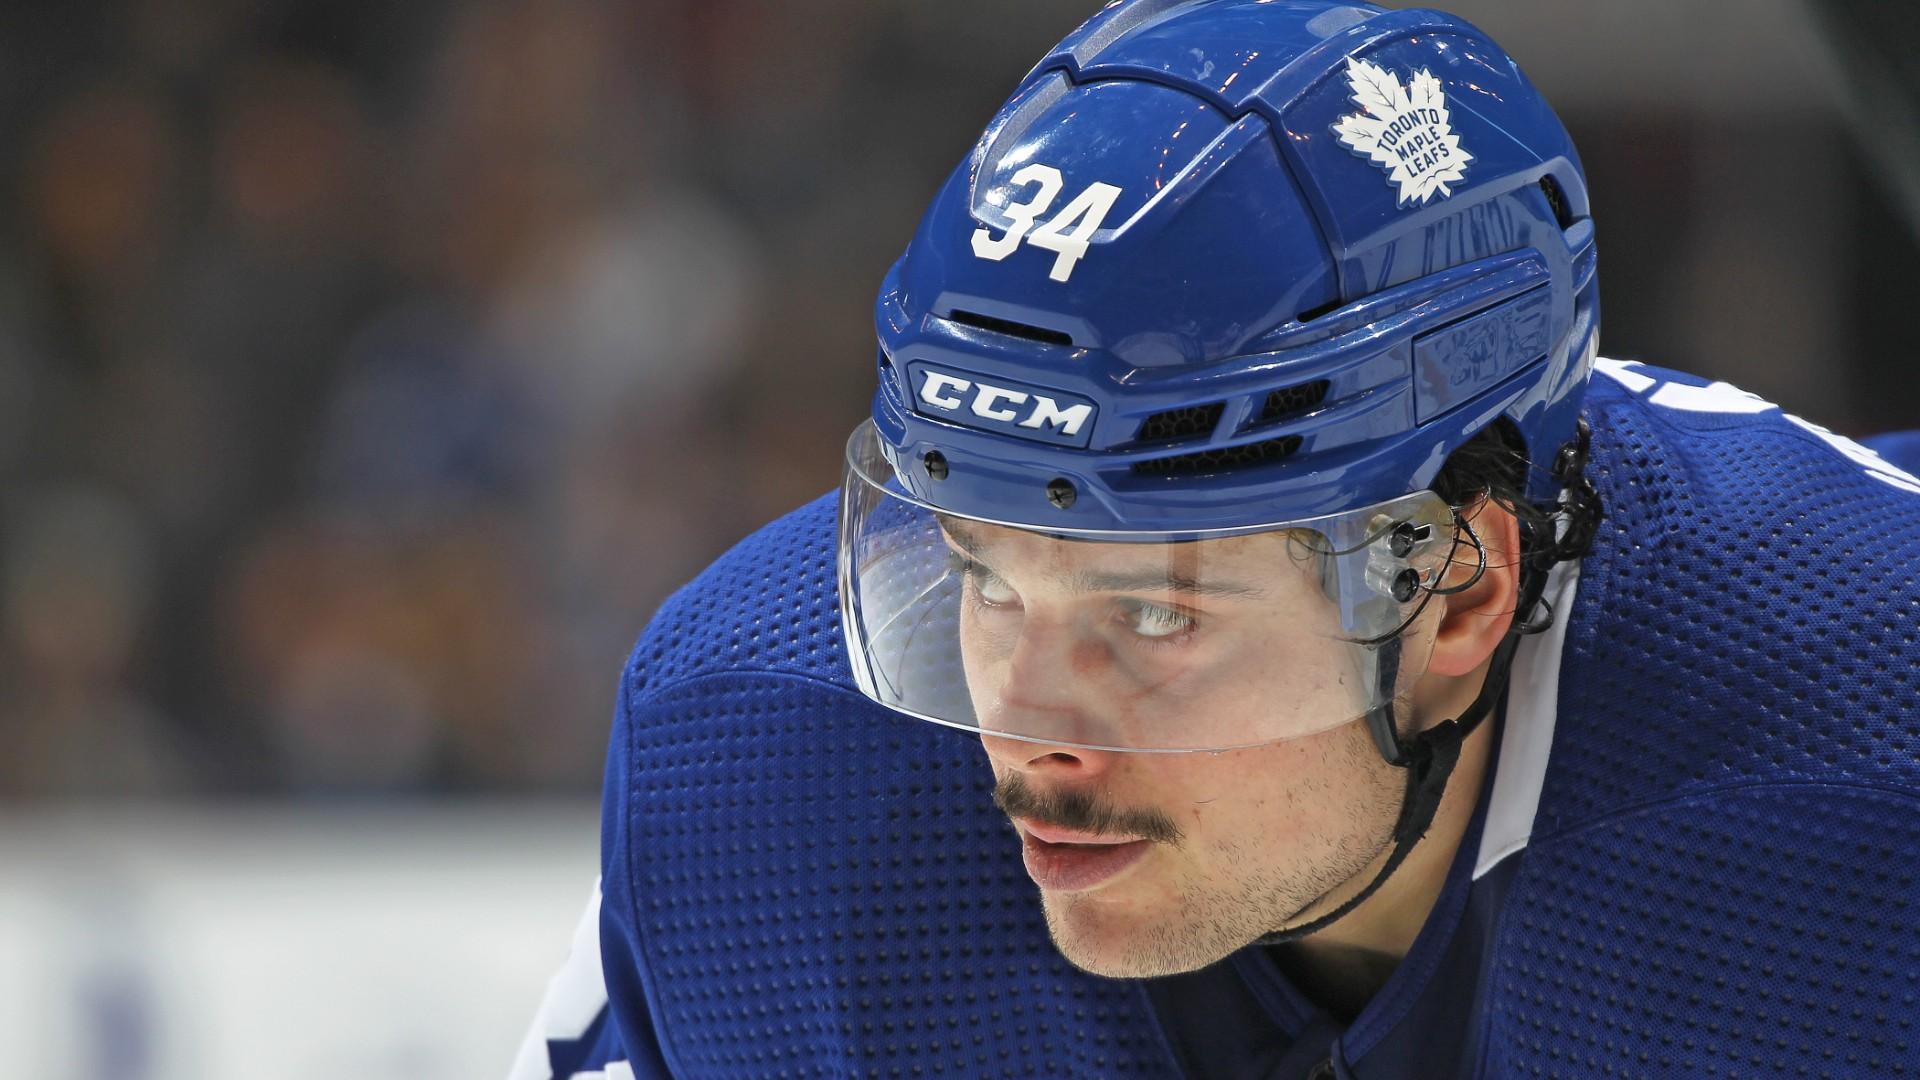 Según los números: los Maple Leafs adelantan la mejor temporada de 41 goles de Auston Matthews 2